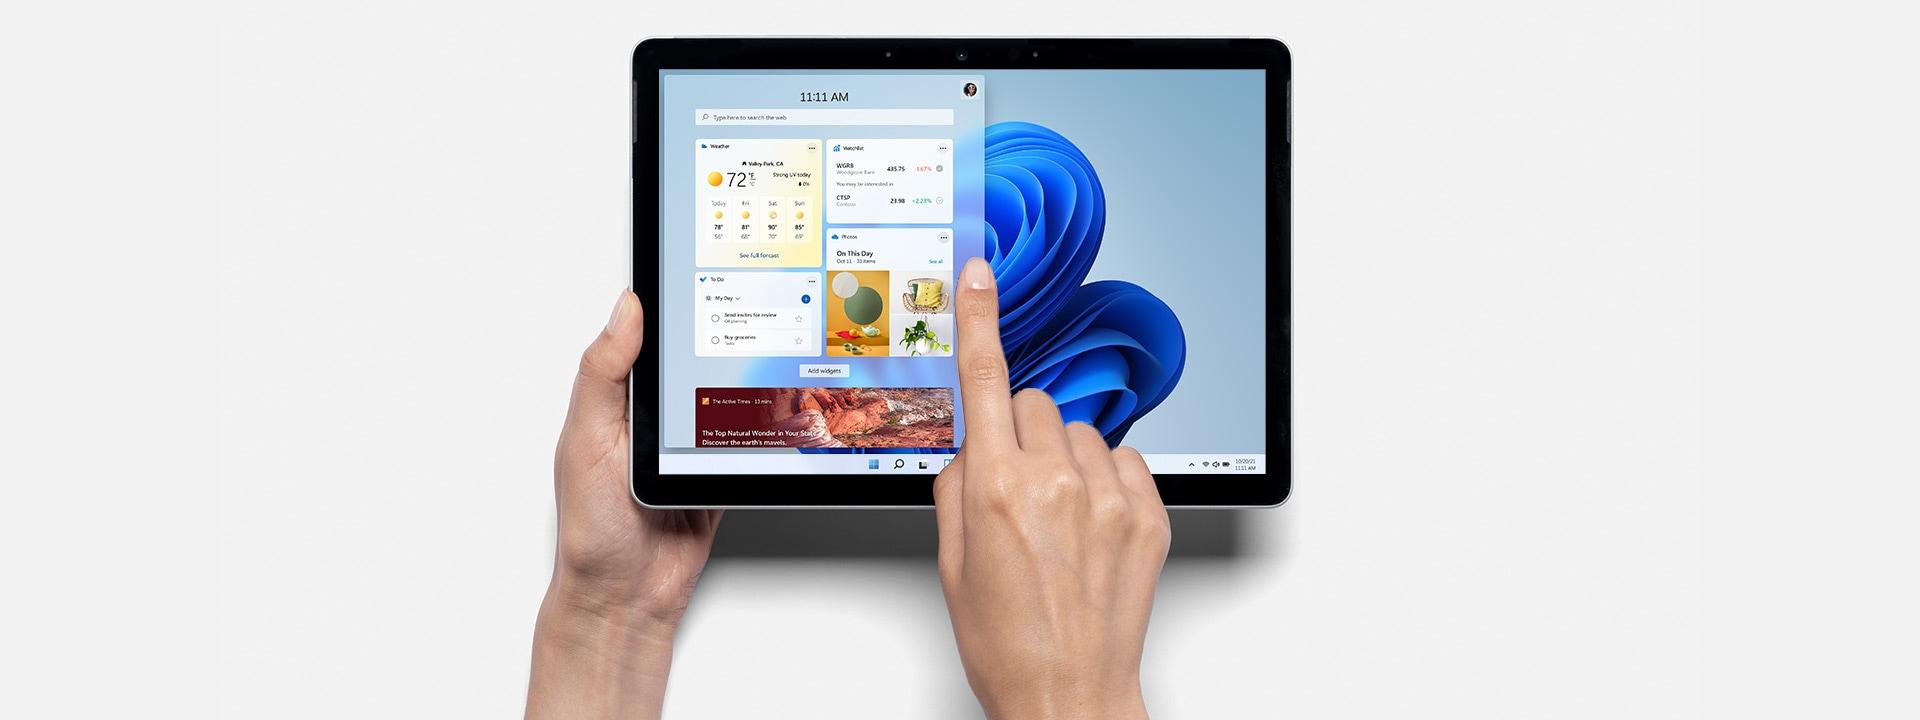 Personne utilisant une SurfaceGo3 sous forme de tablette affichant Windows11.